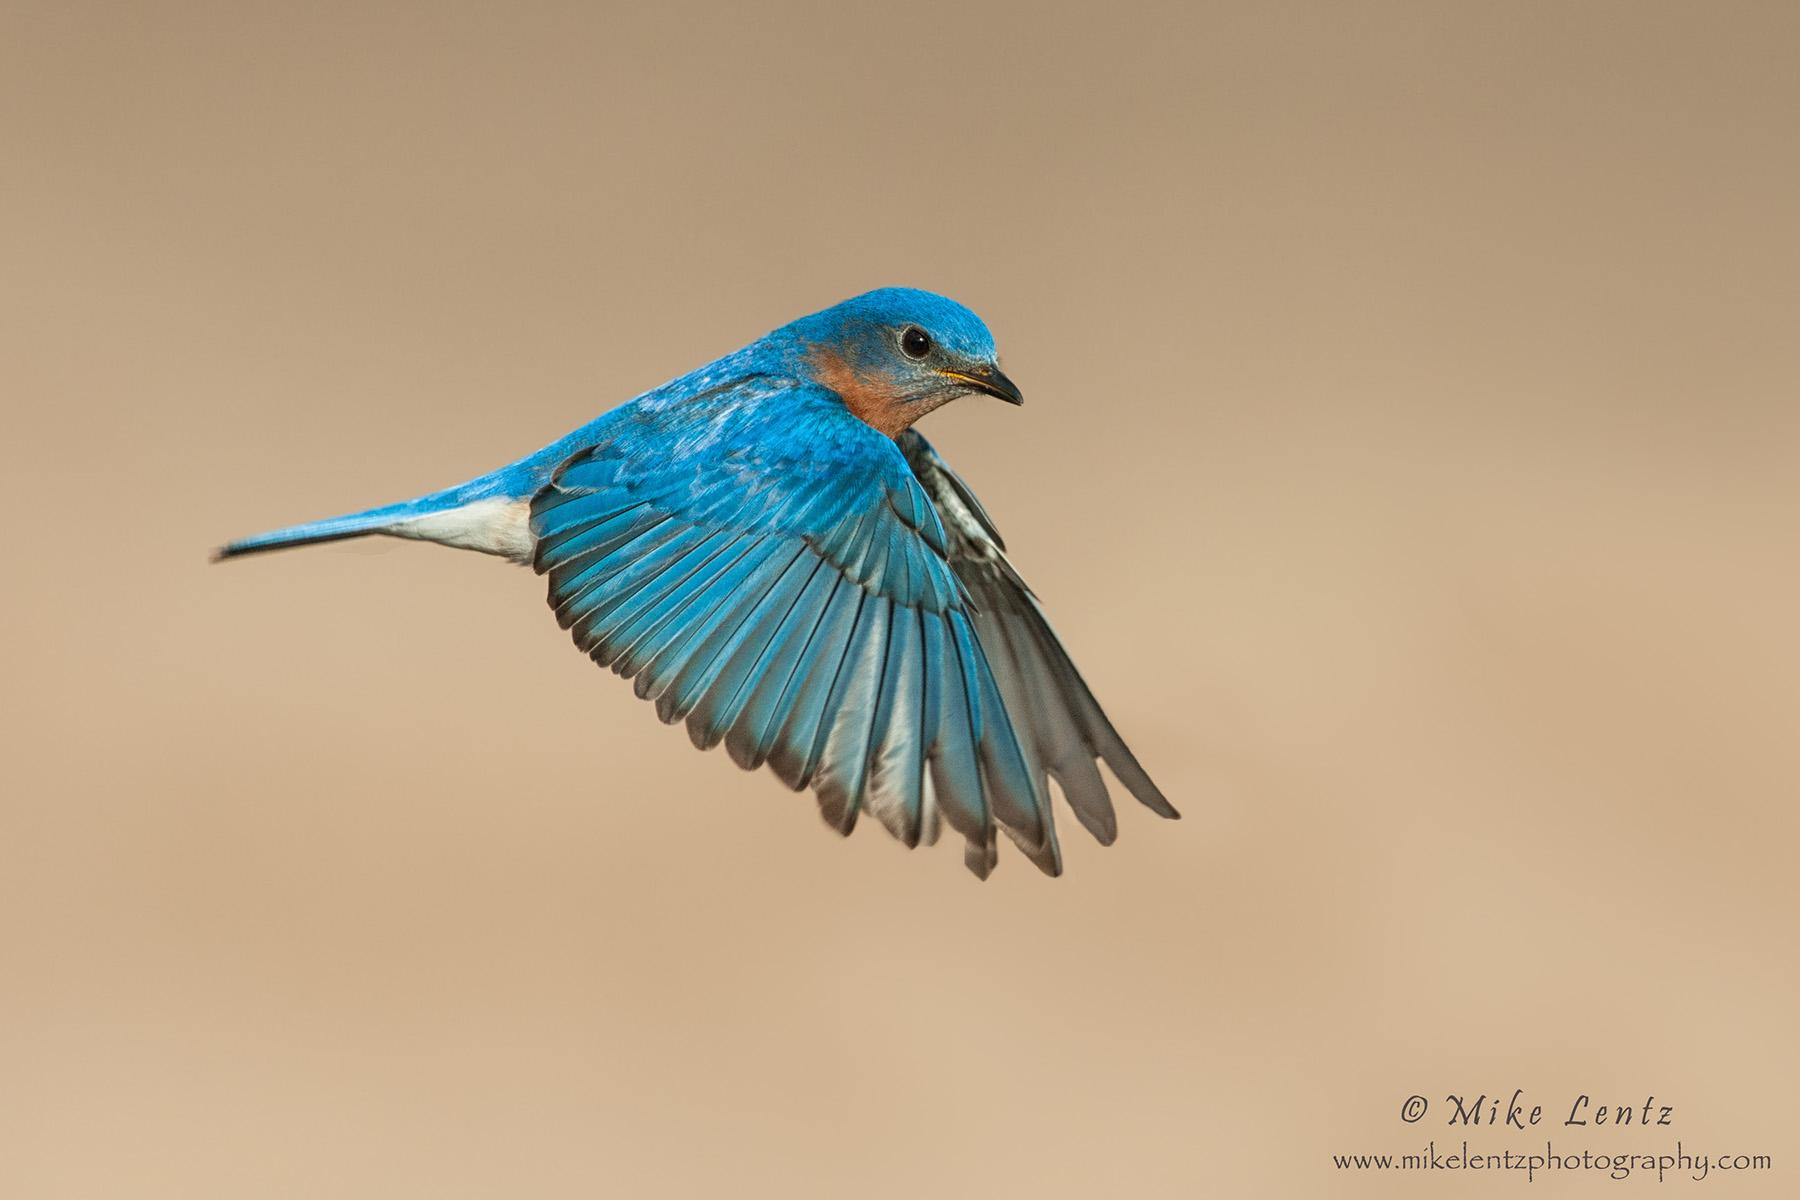 Bluebird in flight across field